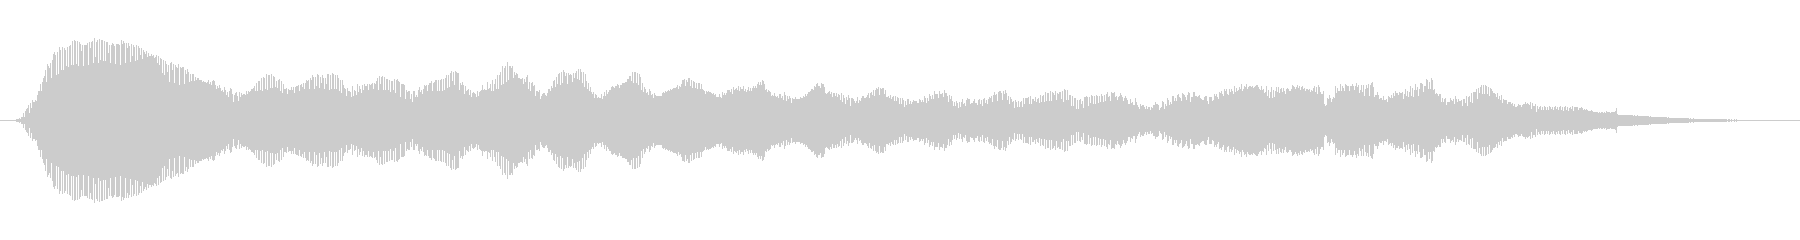 素材 シンセベーススムースロング01の未再生の波形